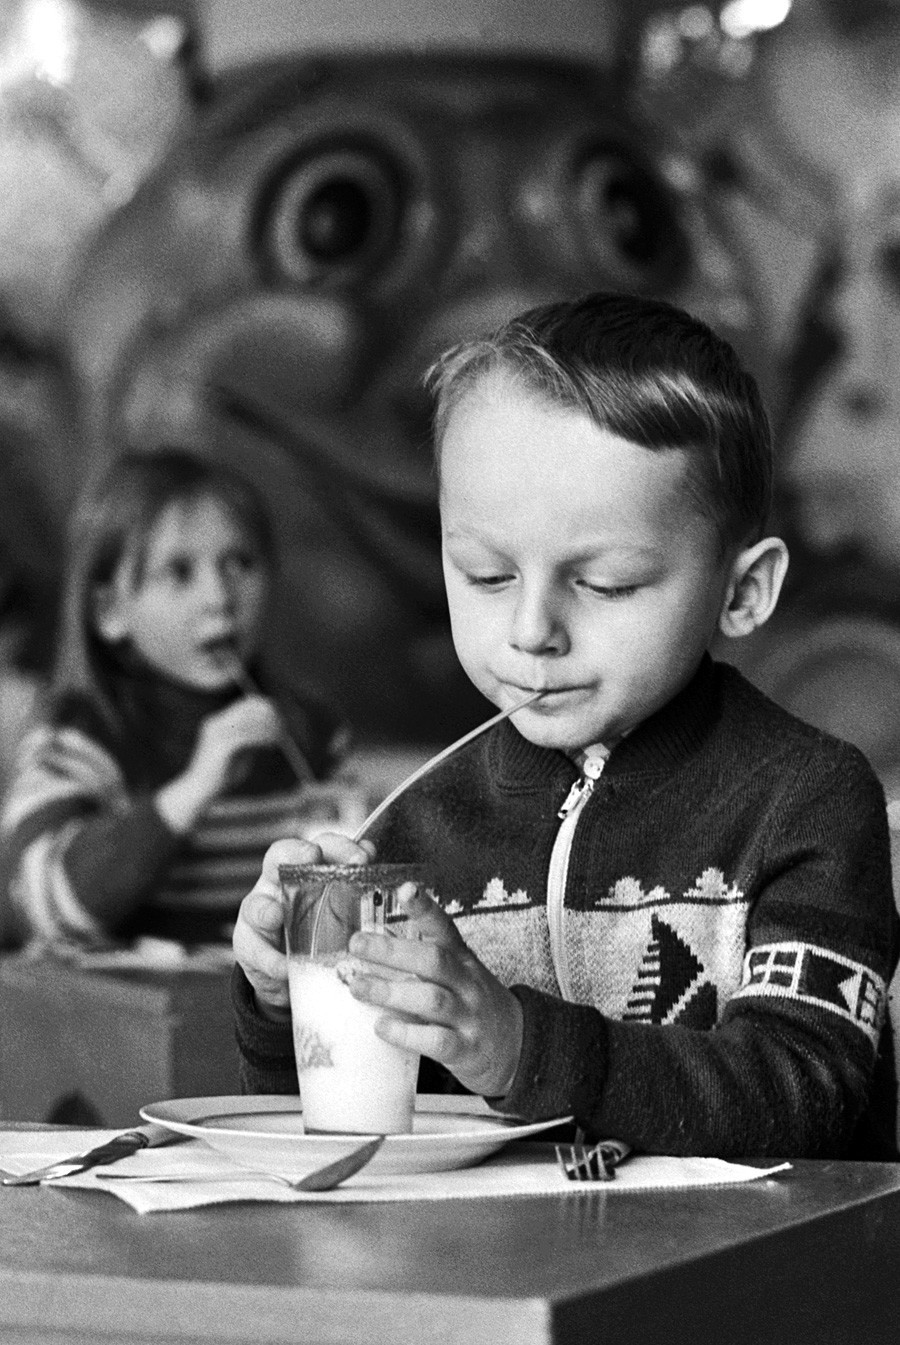 Os milkshakes também podiam ser feitos em casa, mas infelizmente os caseiros tinham menos espuma em cima.